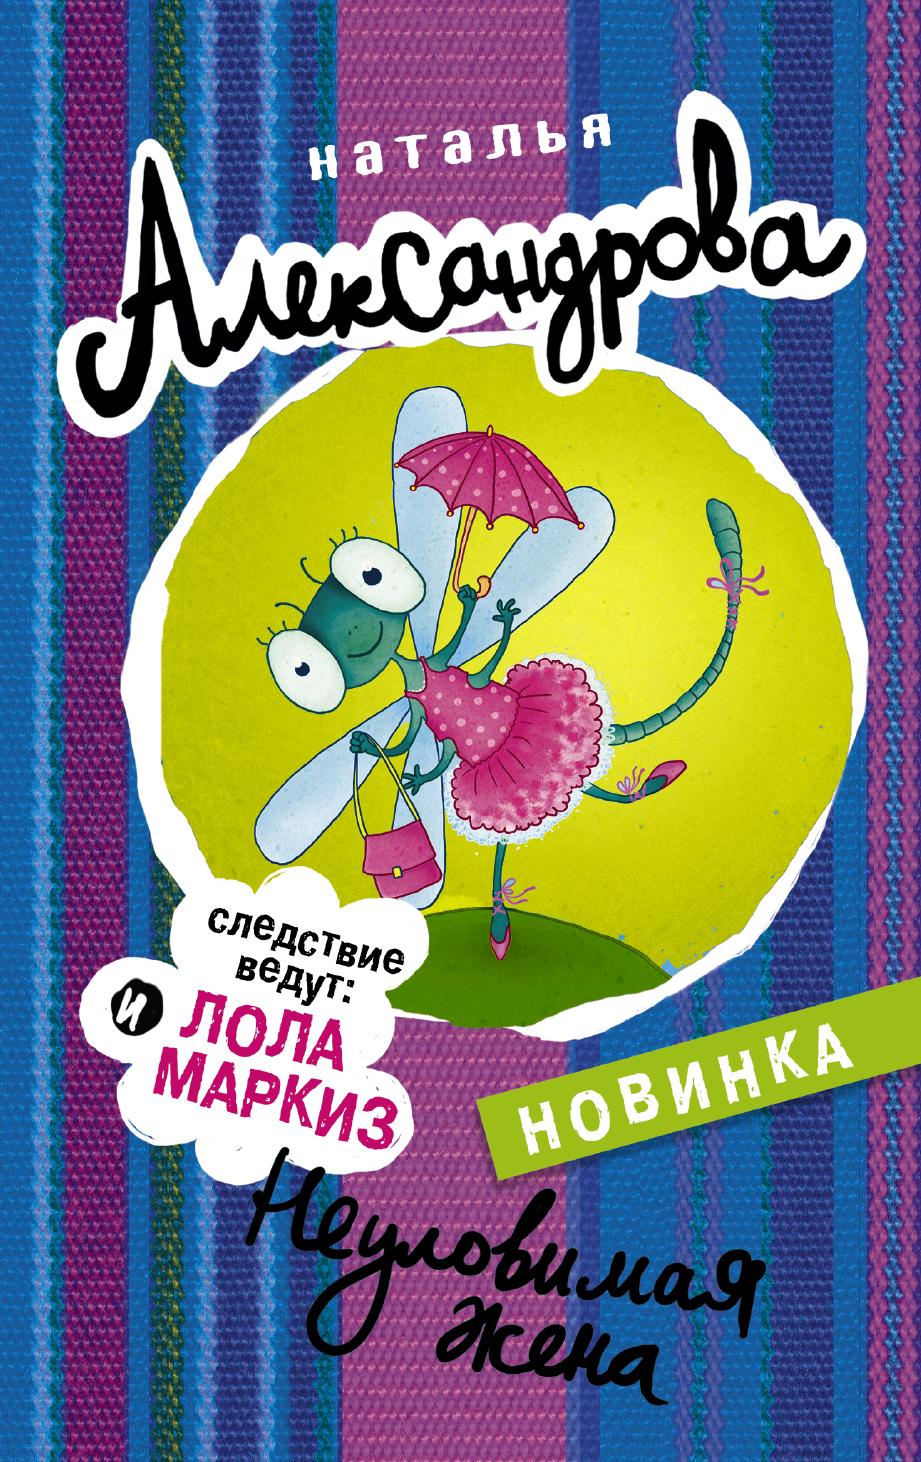 Наталья Александрова Неуловимая жена